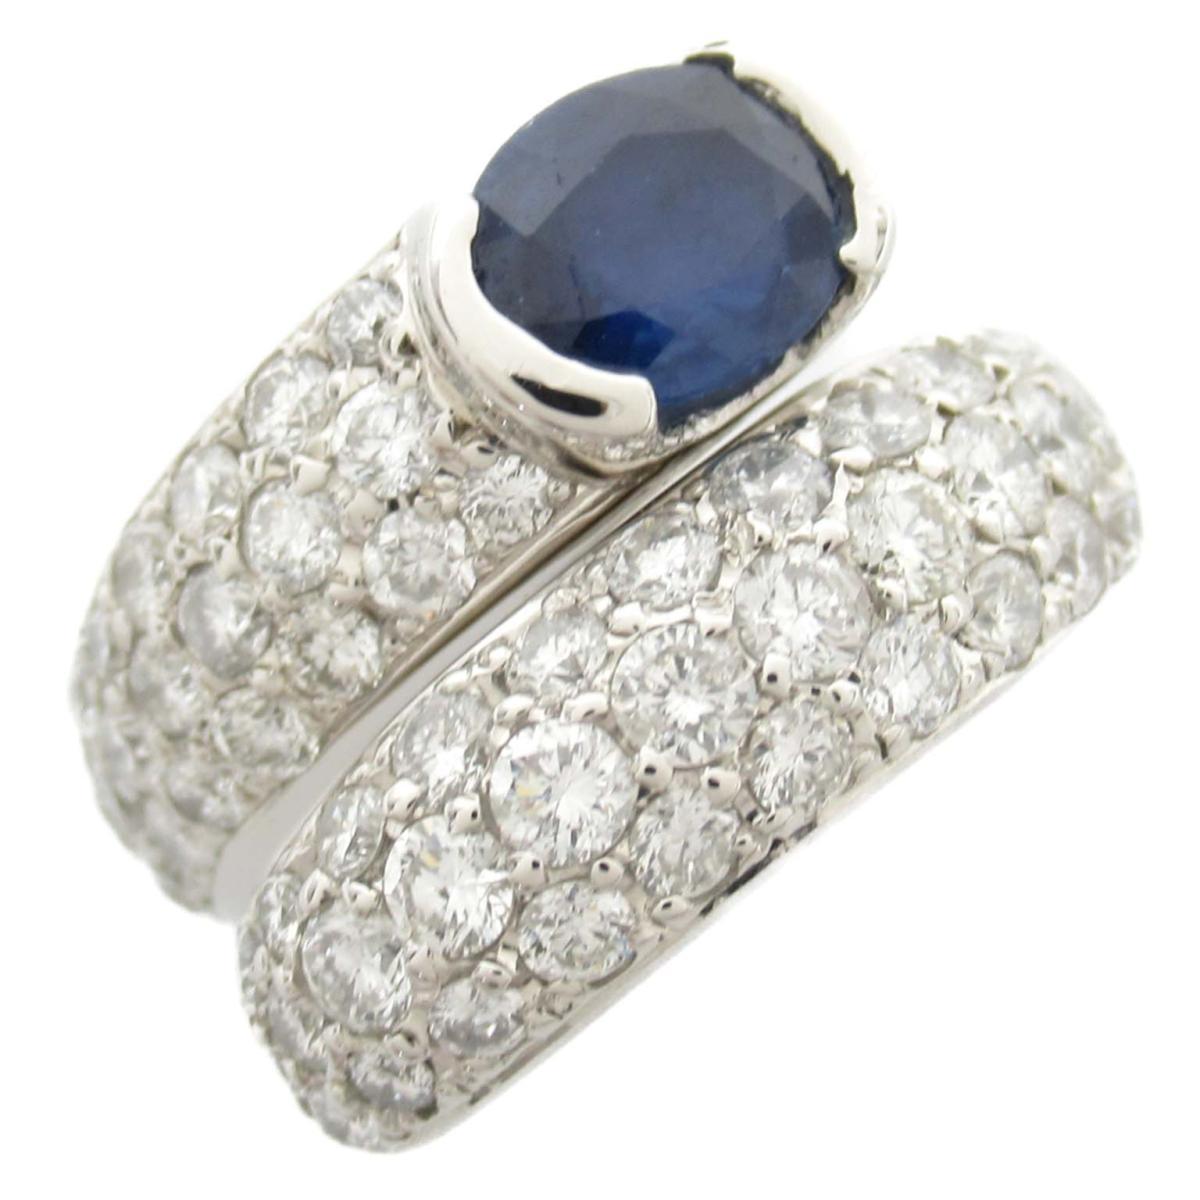 ジュエリー サファイア ダイヤモンド リング 指輪 ノーブランドジュエリー レディース PT900 プラチナ x サファイア1.029ct ダイヤモンド1.64ct 【中古】 | JEWELRY BRANDOFF ブランドオフ アクセサリー